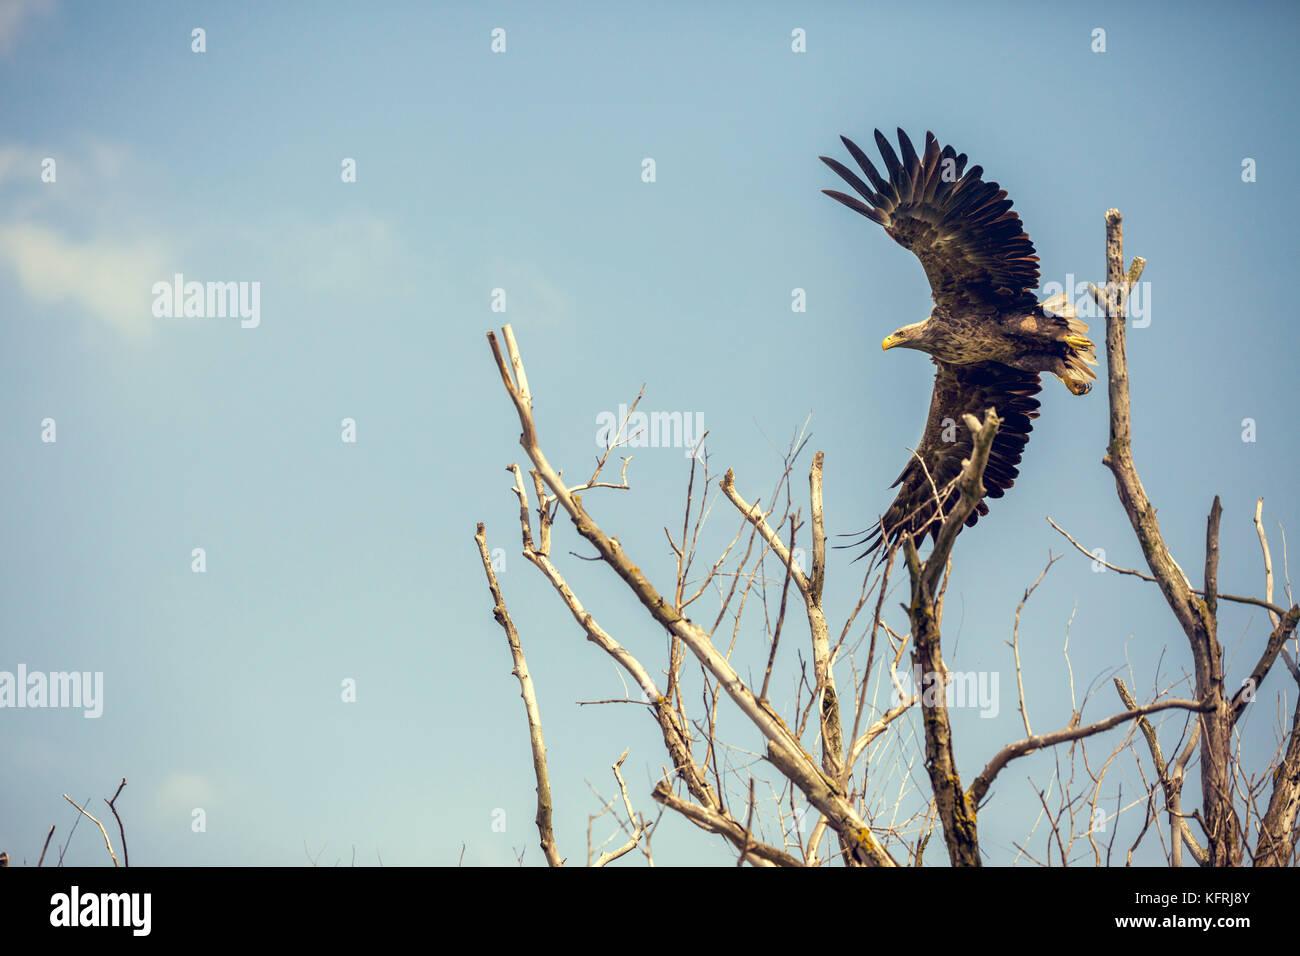 A starting eagle in the Danube Delta in Romania. - Stock Image